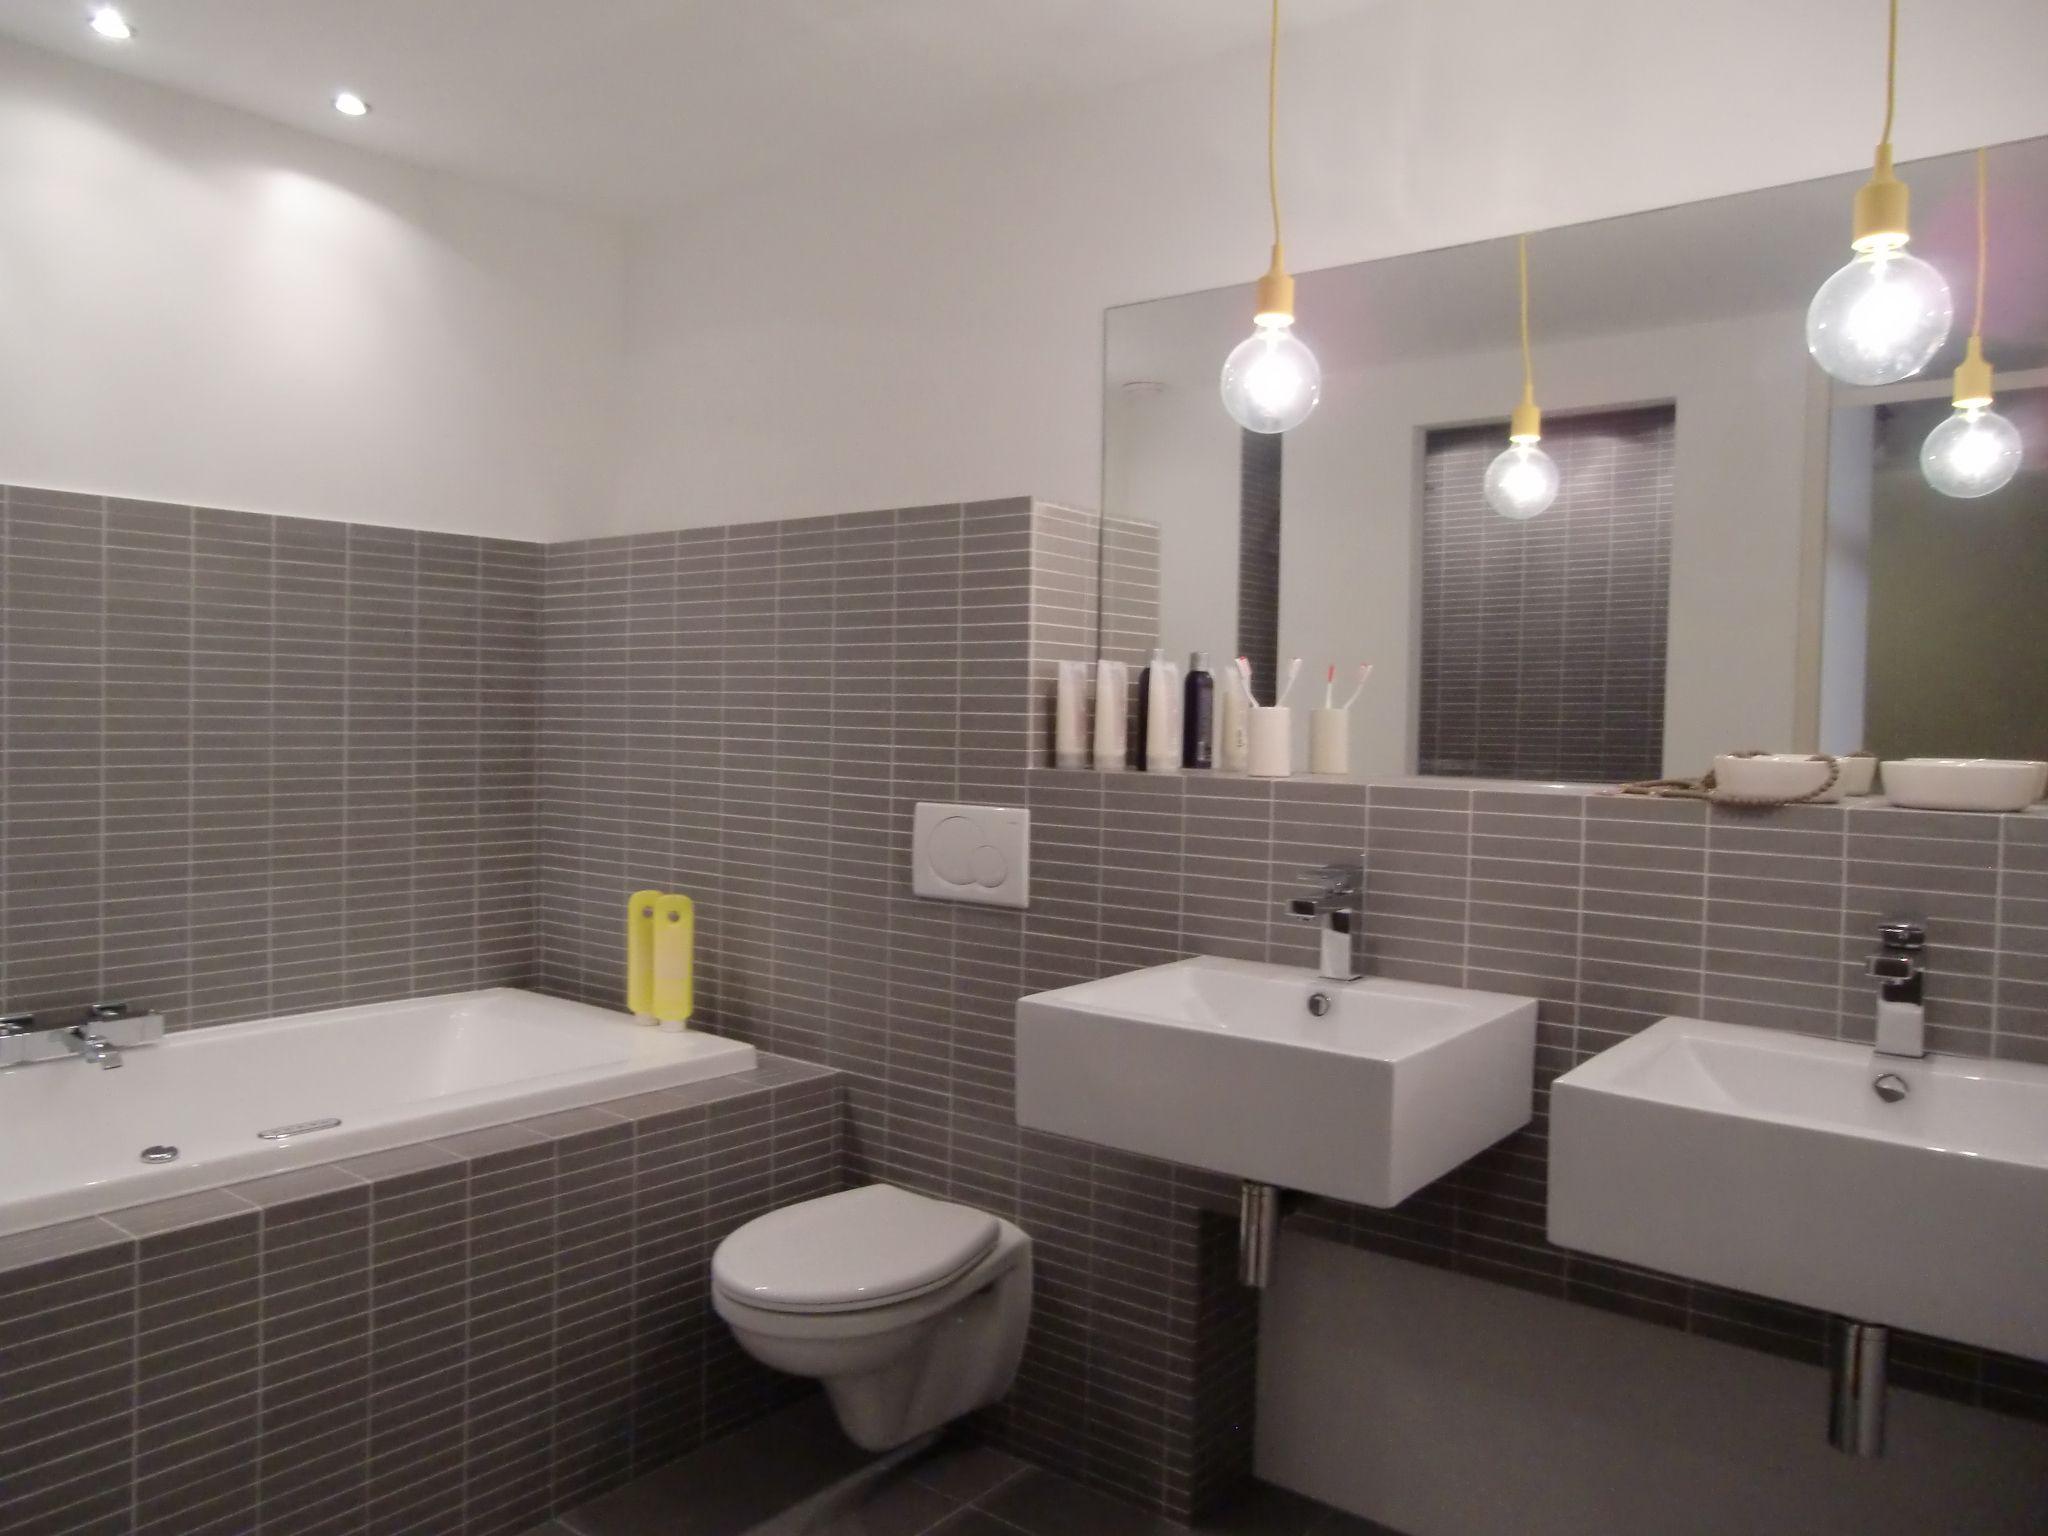 Badkamer bathroom ✭ ontwerp design bendien en wierenga